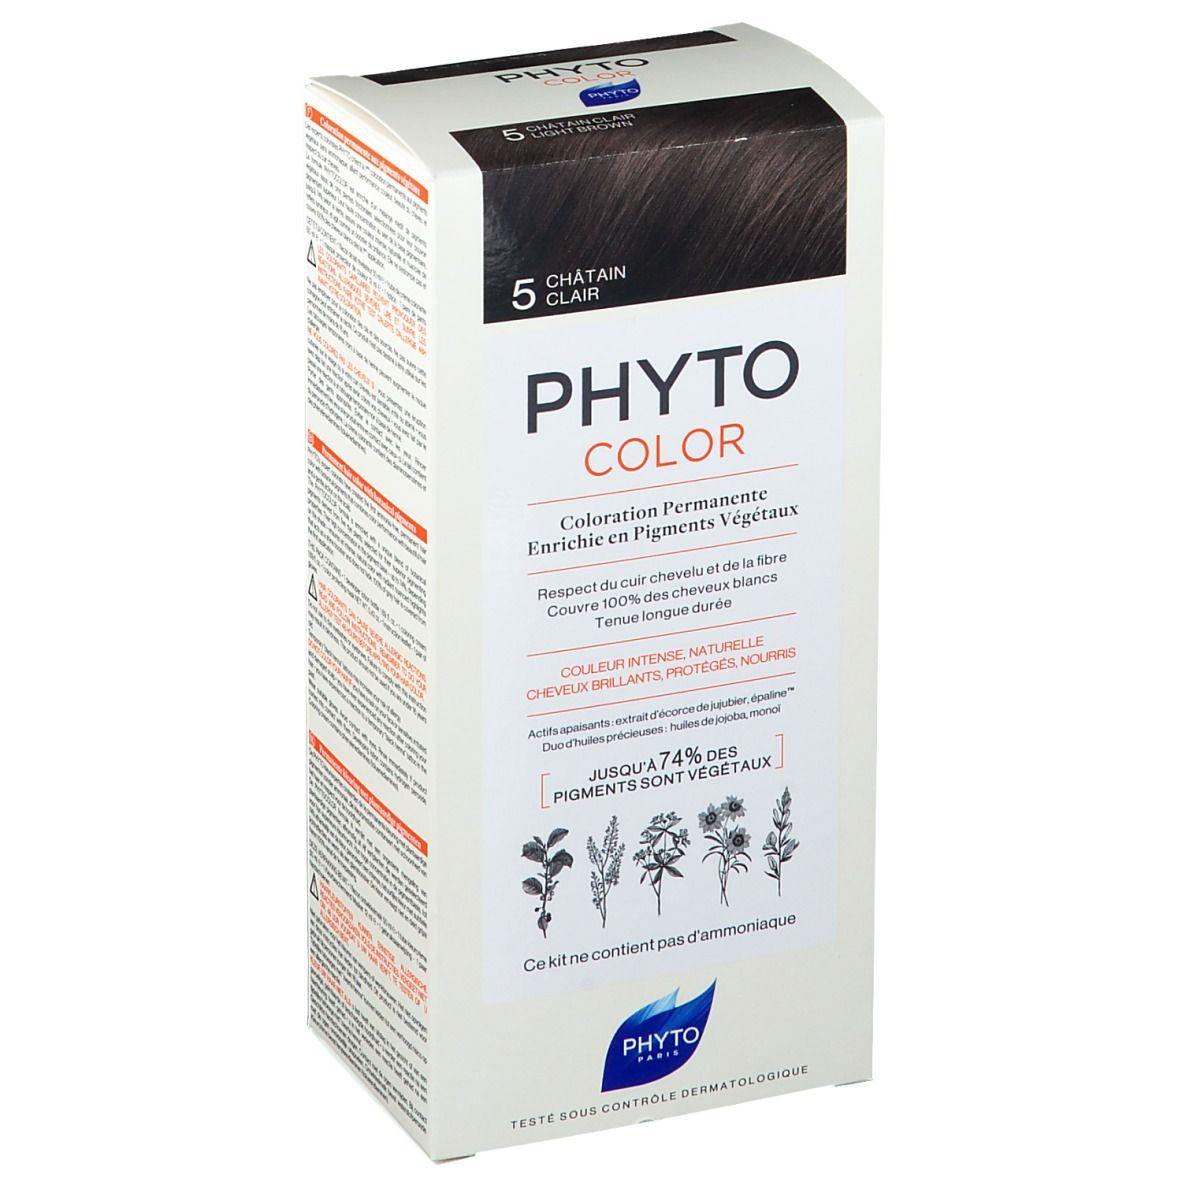 PHYTOCOLOR 5 Châtain clair pc(s) crème